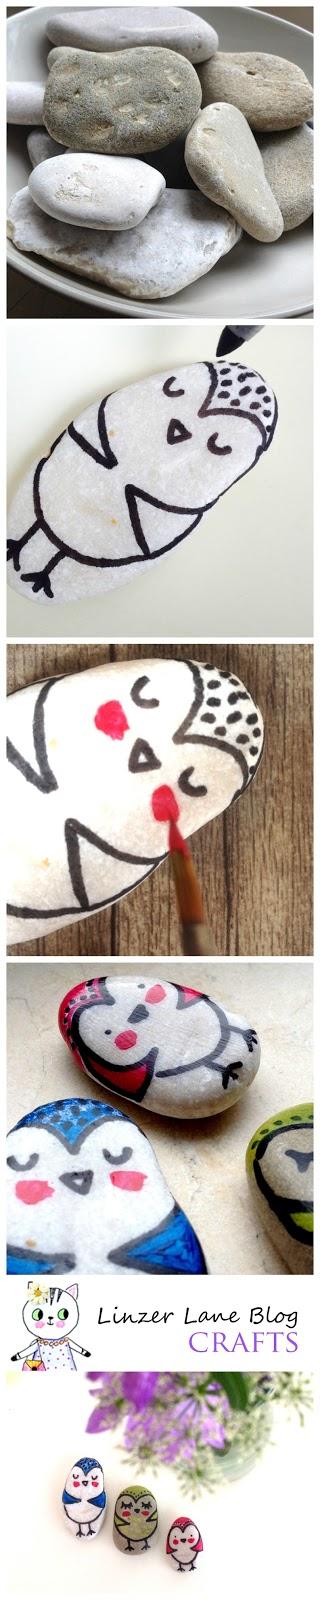 Stoney Owls Craft Tutorial | Linzer Lane Blog